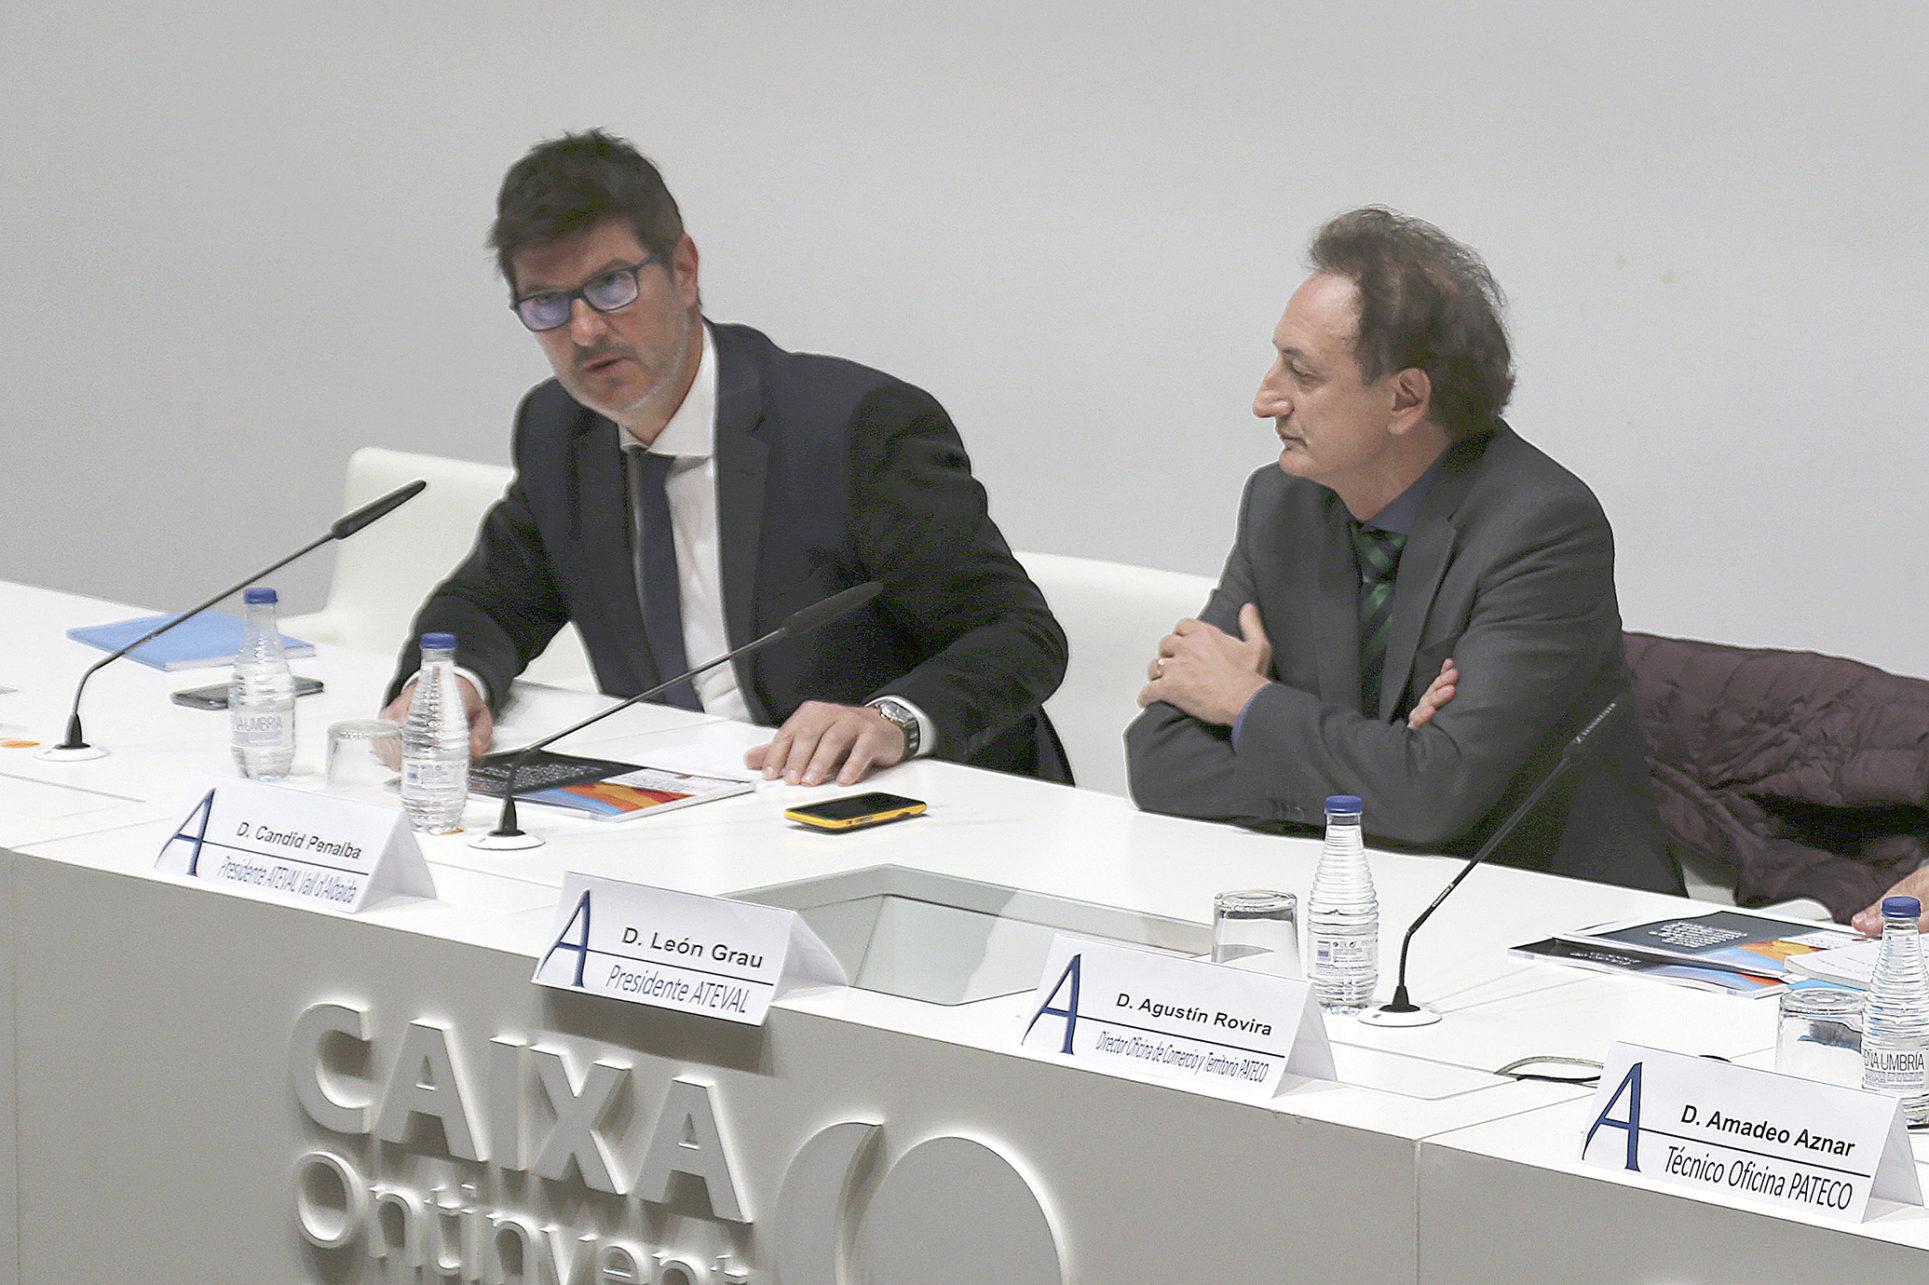 Càndid Penalba pega el bot a ATEVAL Comunitat Valenciana El Periòdic d'Ontinyent